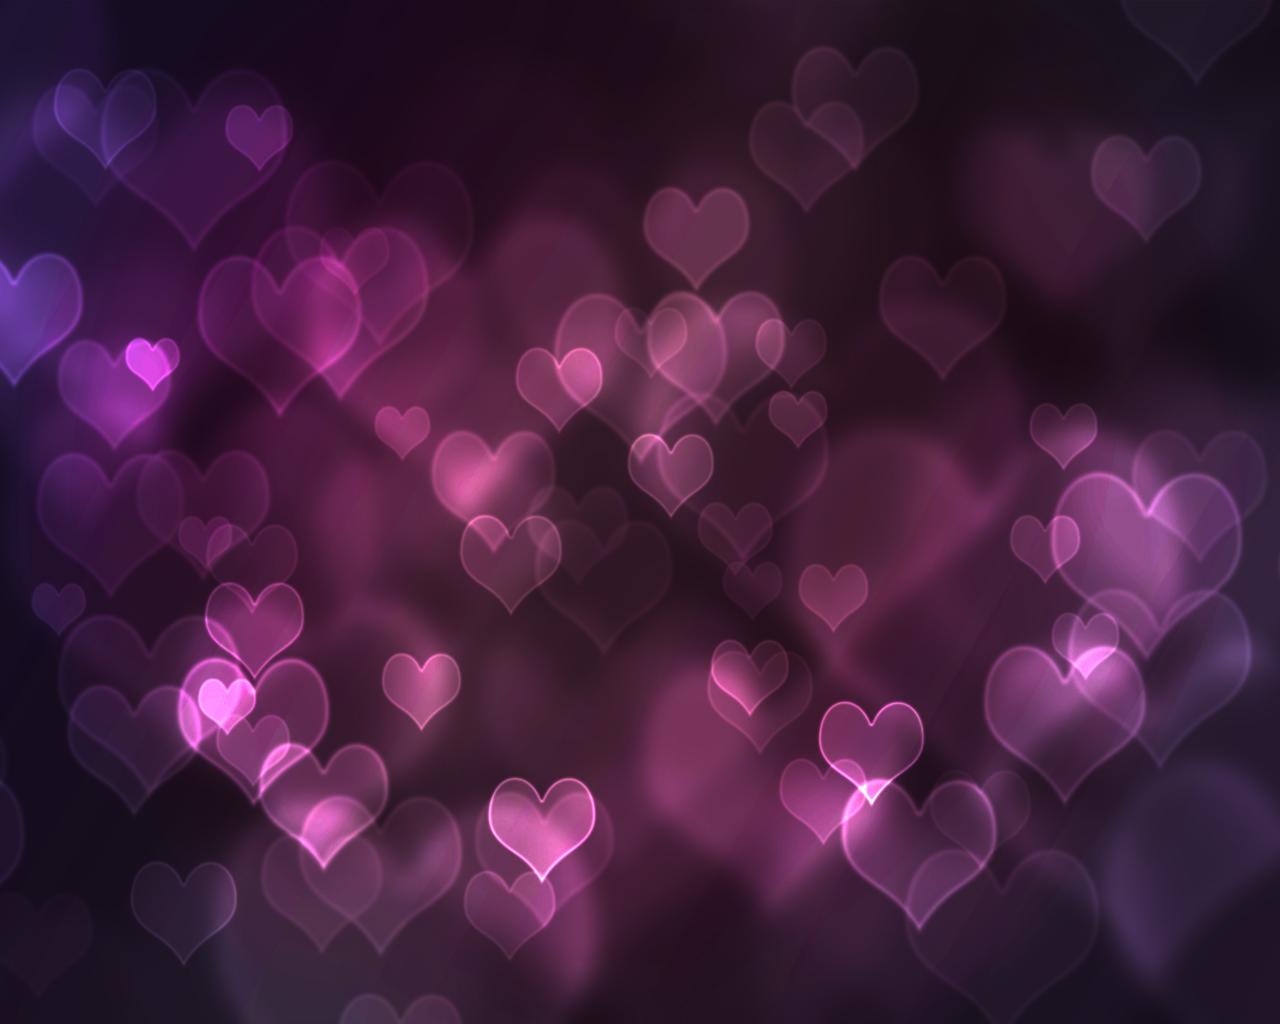 purple - Purple Wallpaper (34852786) - Fanpop